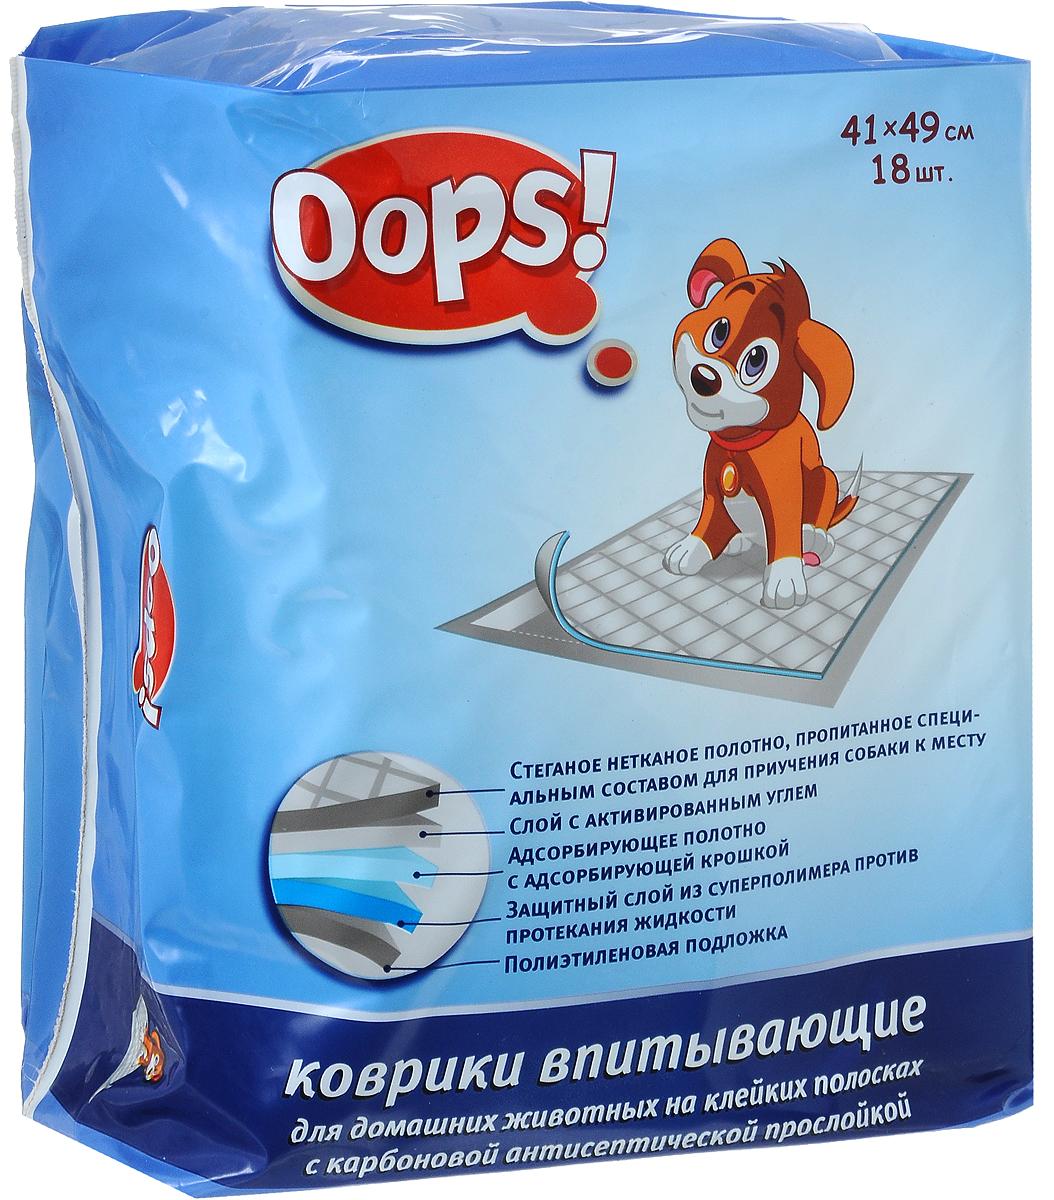 Коврики для домашних животных OOPS!, впитывающие, на клейких полосках, 41 х 49 см, 18 шт игры и игрушки в дорогу oops подвеска на кроватку и коляску oops в асс